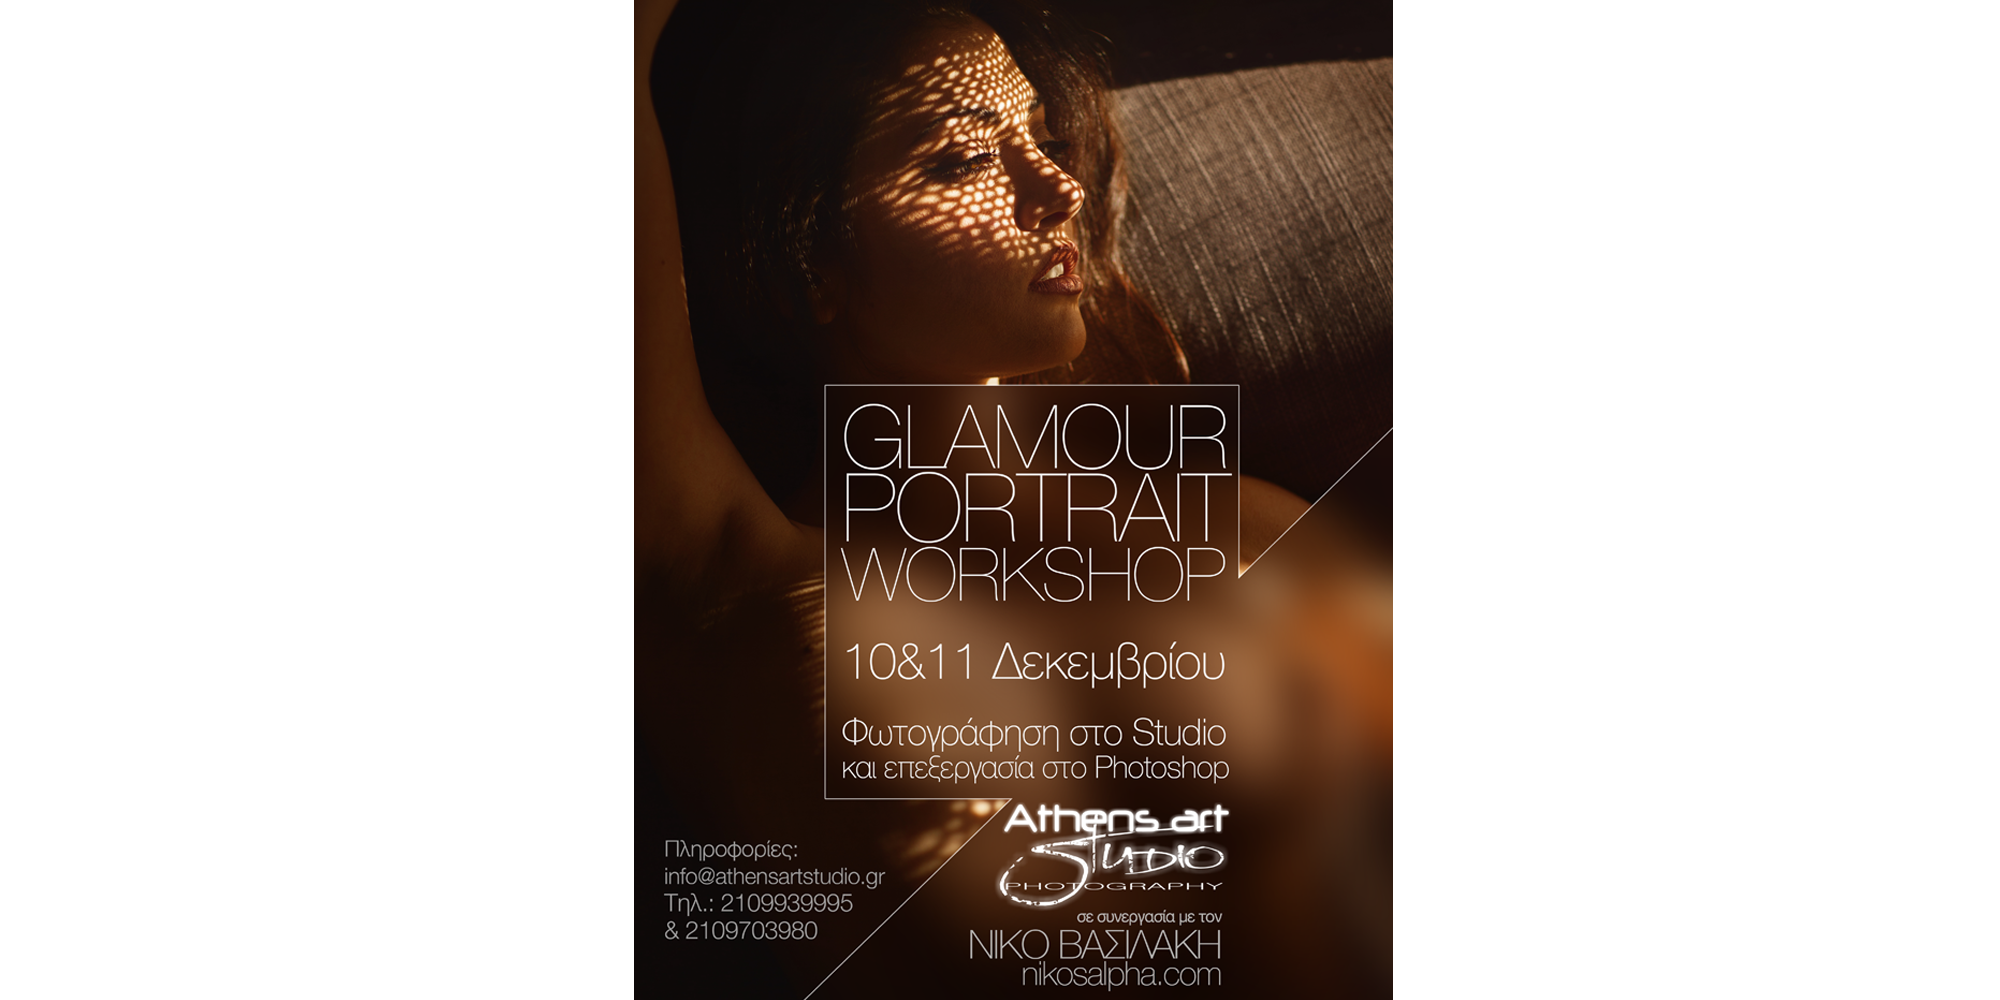 glamour-portrait